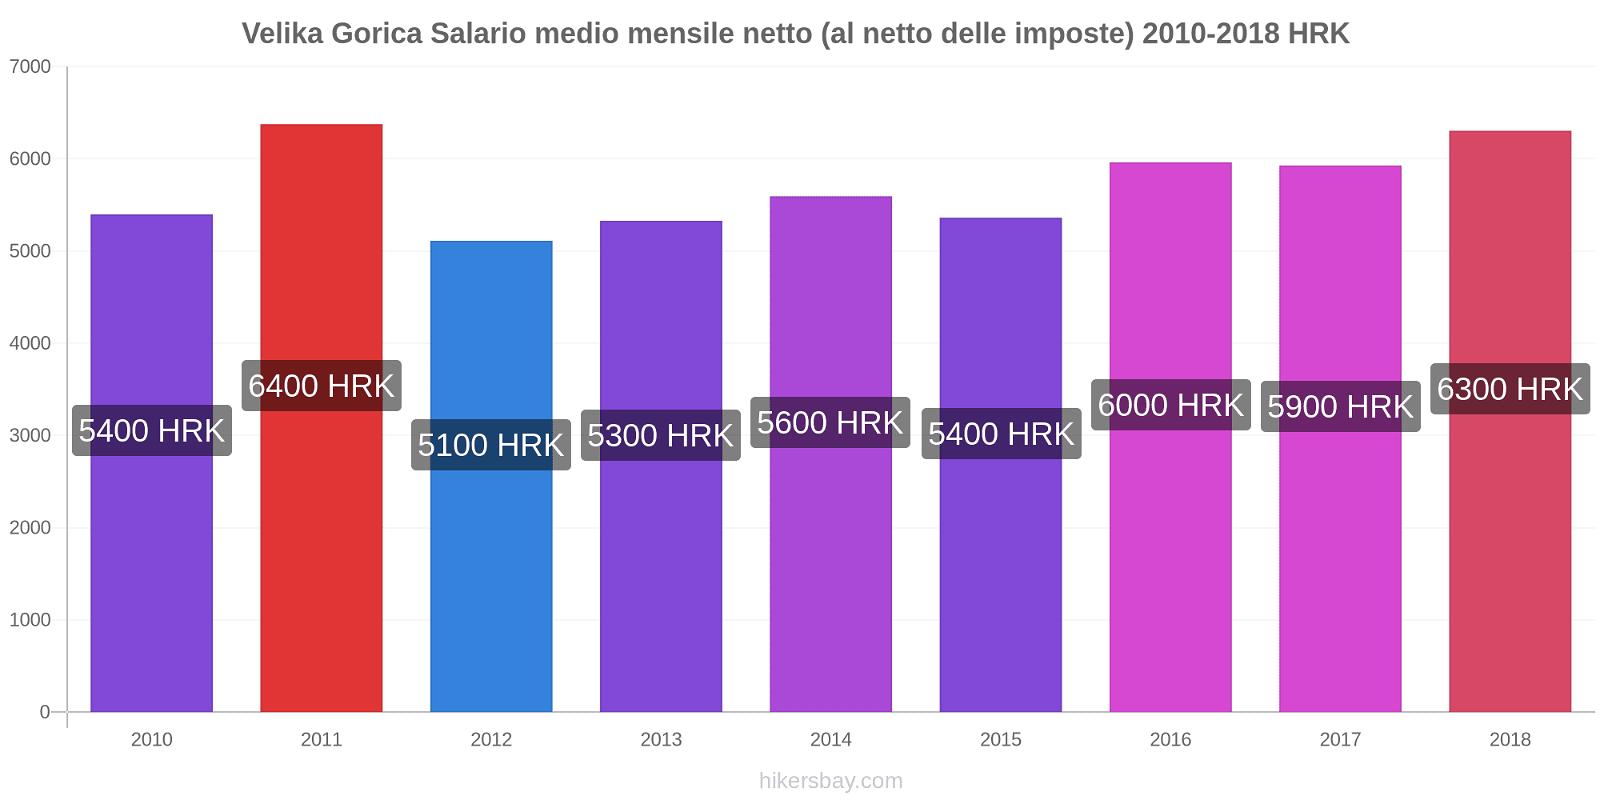 Velika Gorica variazioni di prezzo Salario medio mensile netto (al netto delle imposte) hikersbay.com